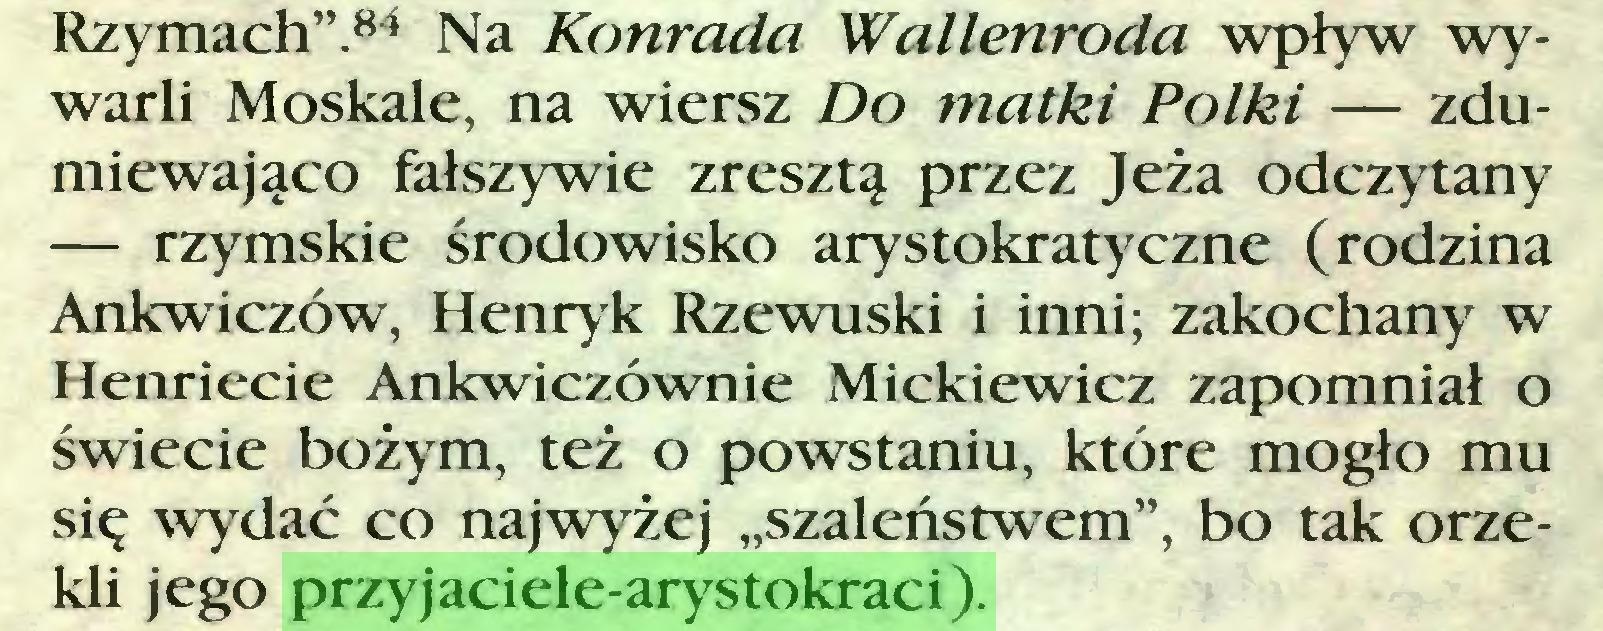 """(...) Rzymach"""".84 Na Konrada Wallenroda wpływ wywarli Moskale, na wiersz Do matki Polki — zdumiewająco fałszywie zresztą przez Jeża odczytany — rzymskie środowisko arystokratyczne (rodzina Ankwiczów, Henryk Rzewuski i inni; zakochany w Henriecie Ankwiczównie Mickiewicz zapomniał o świecie bożym, też o powstaniu, które mogło mu się wydać co najwyżej """"szaleństwem"""", bo tak orzekli jego przyjaciele-arystokraci)..."""